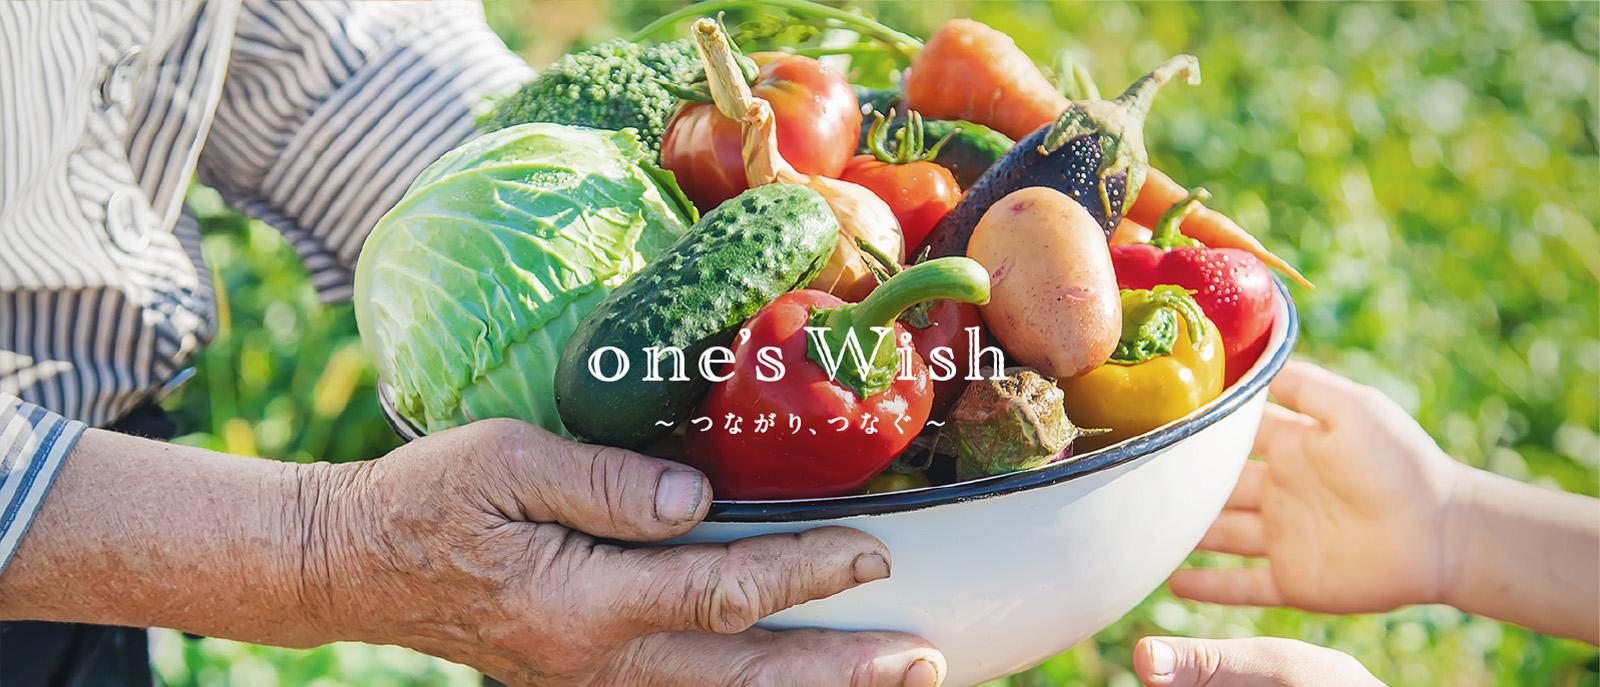 one's wish